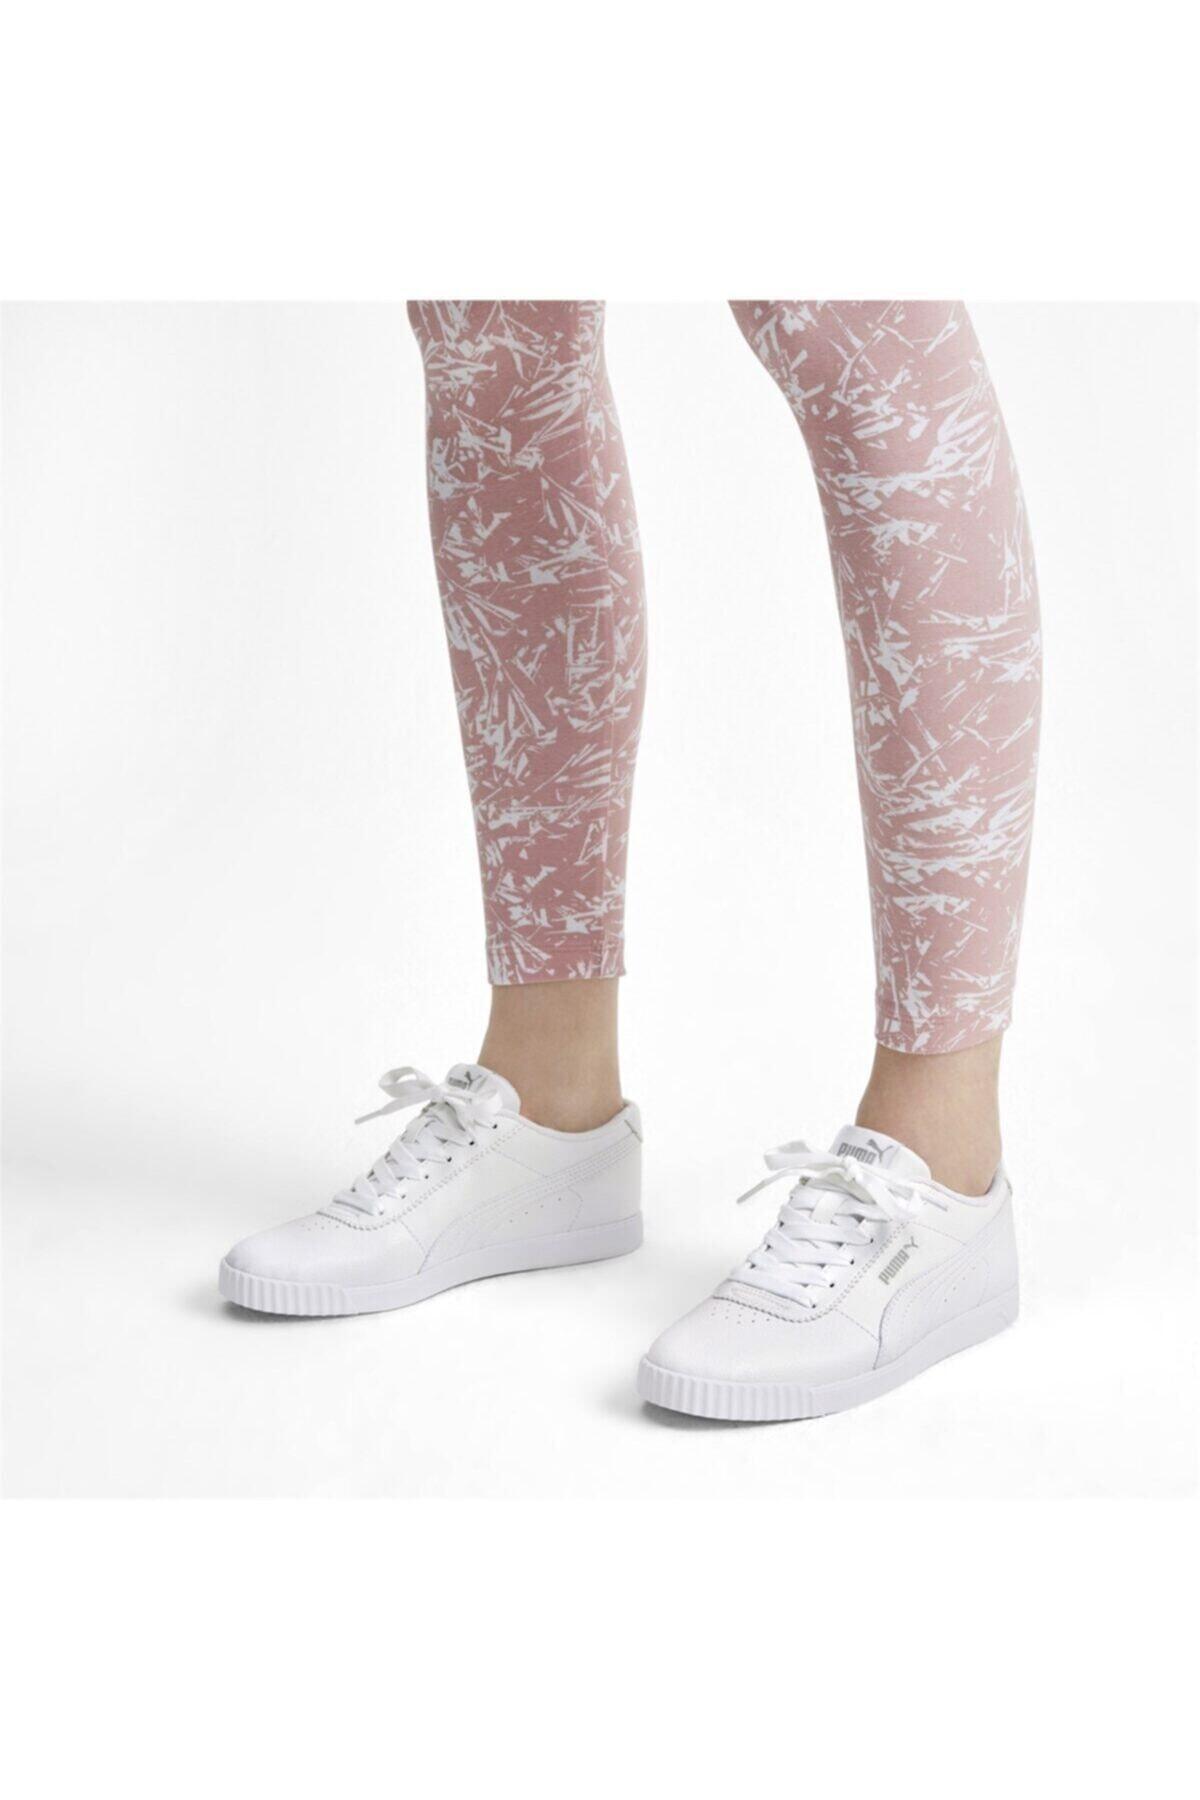 Puma 370548 Beyaz Kadın Spor Ayakkabı 2